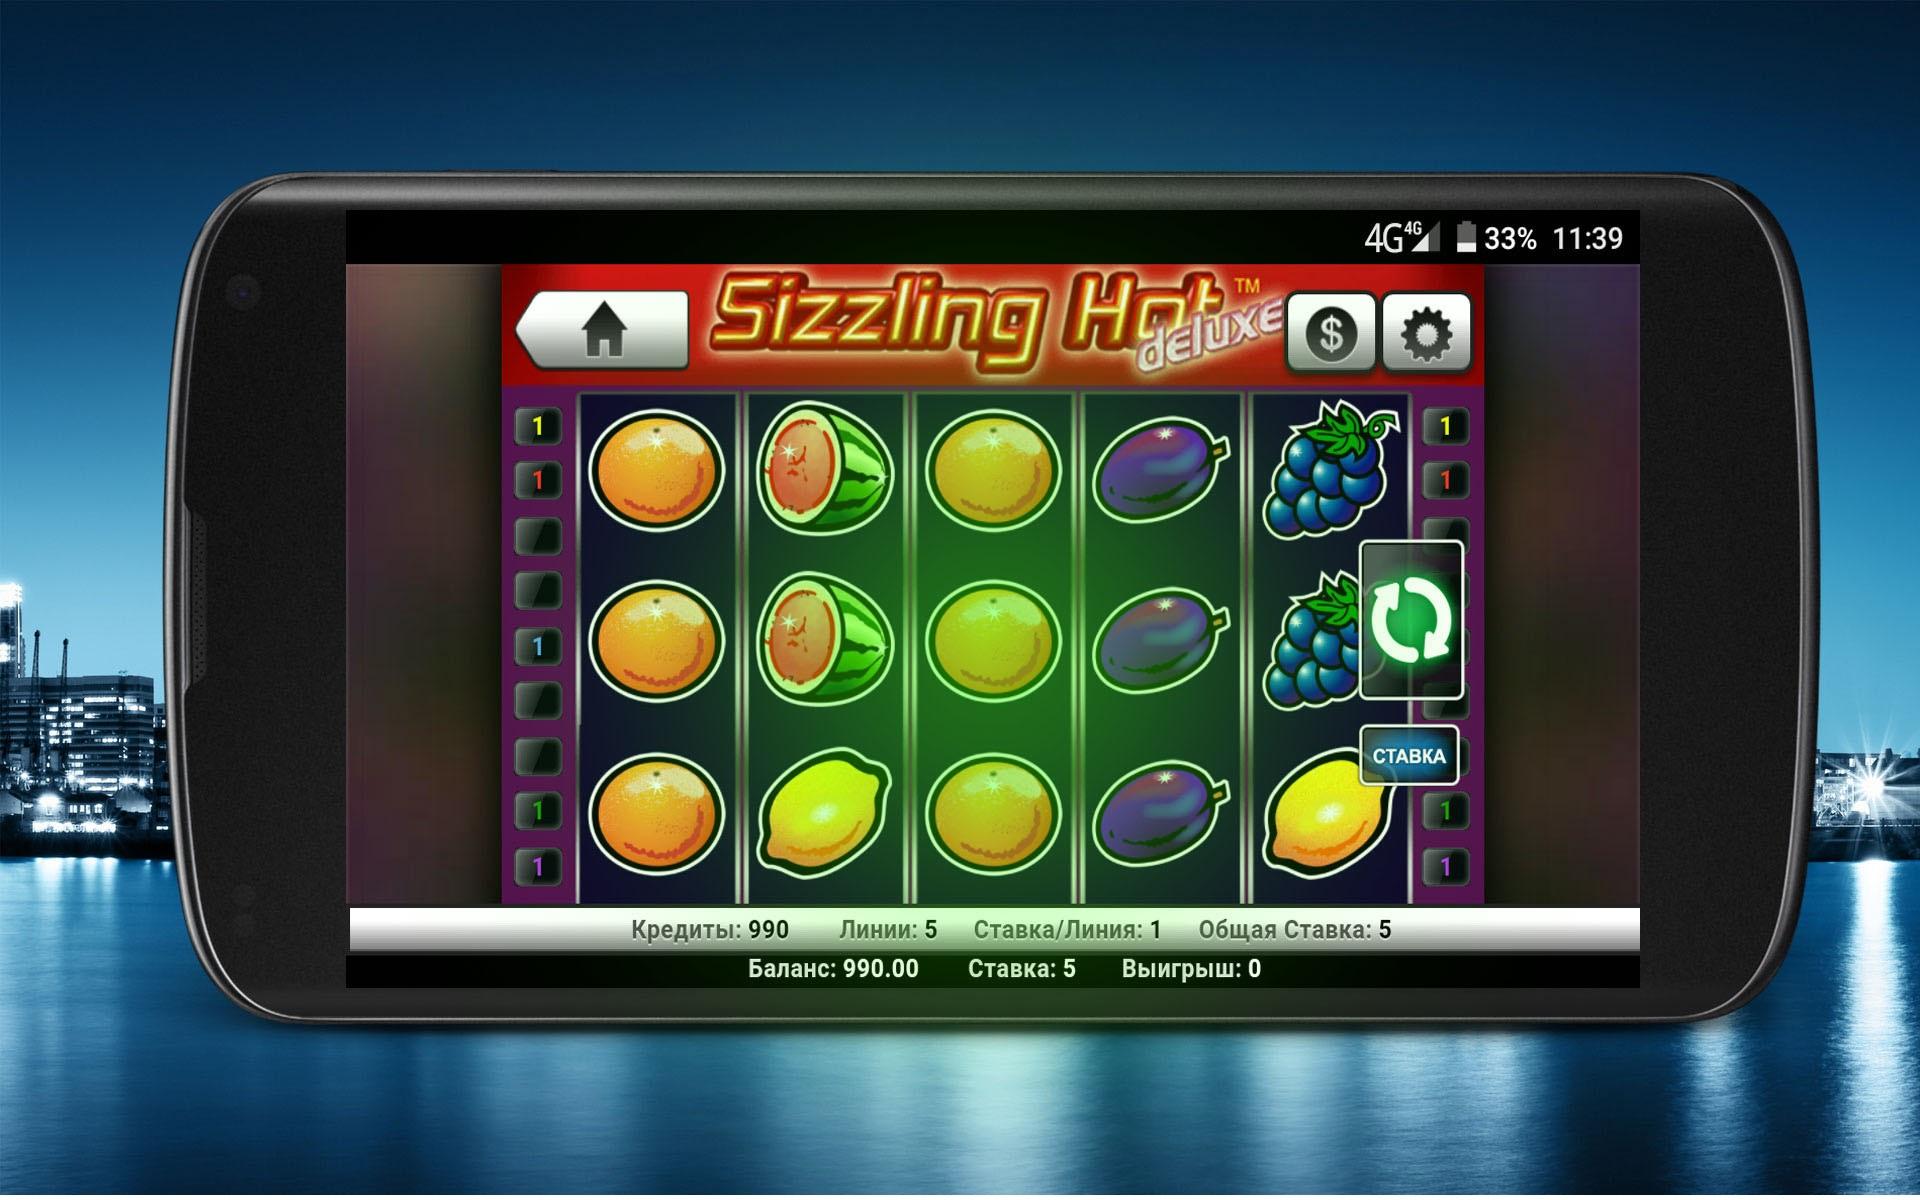 Все игровые автоматы amazon играть бесплатно игровые автоматы без регистрации в клубнику